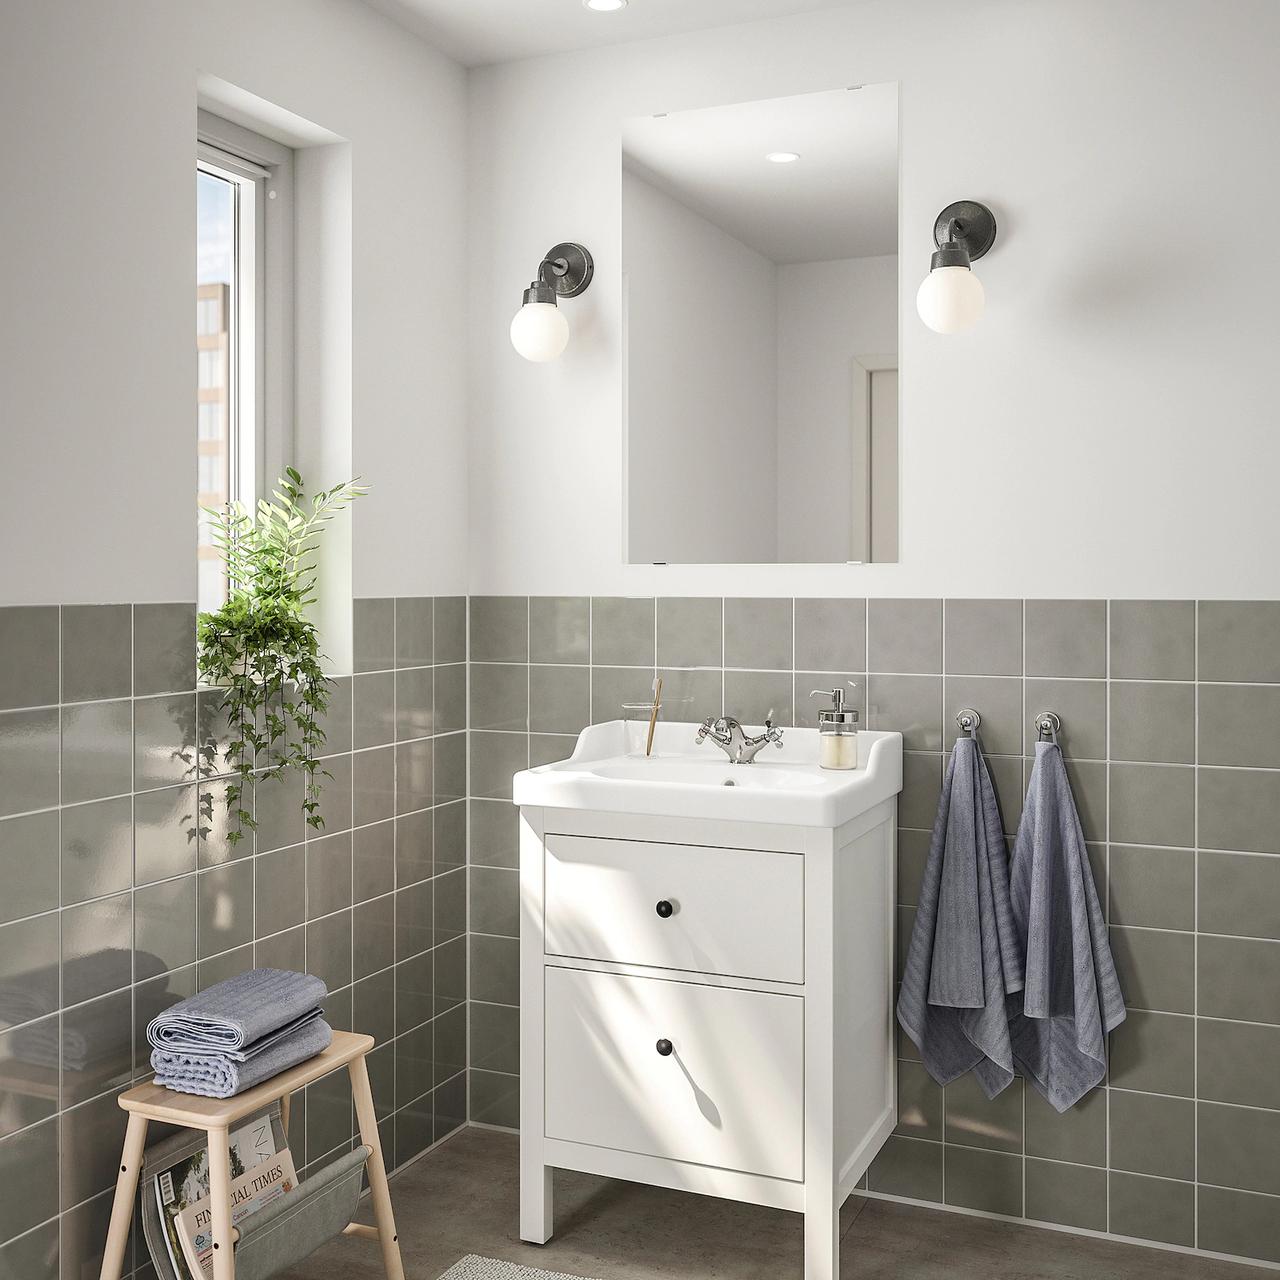 Комплект мебели для ванной комнаты HEMNES / RATTVIKEN